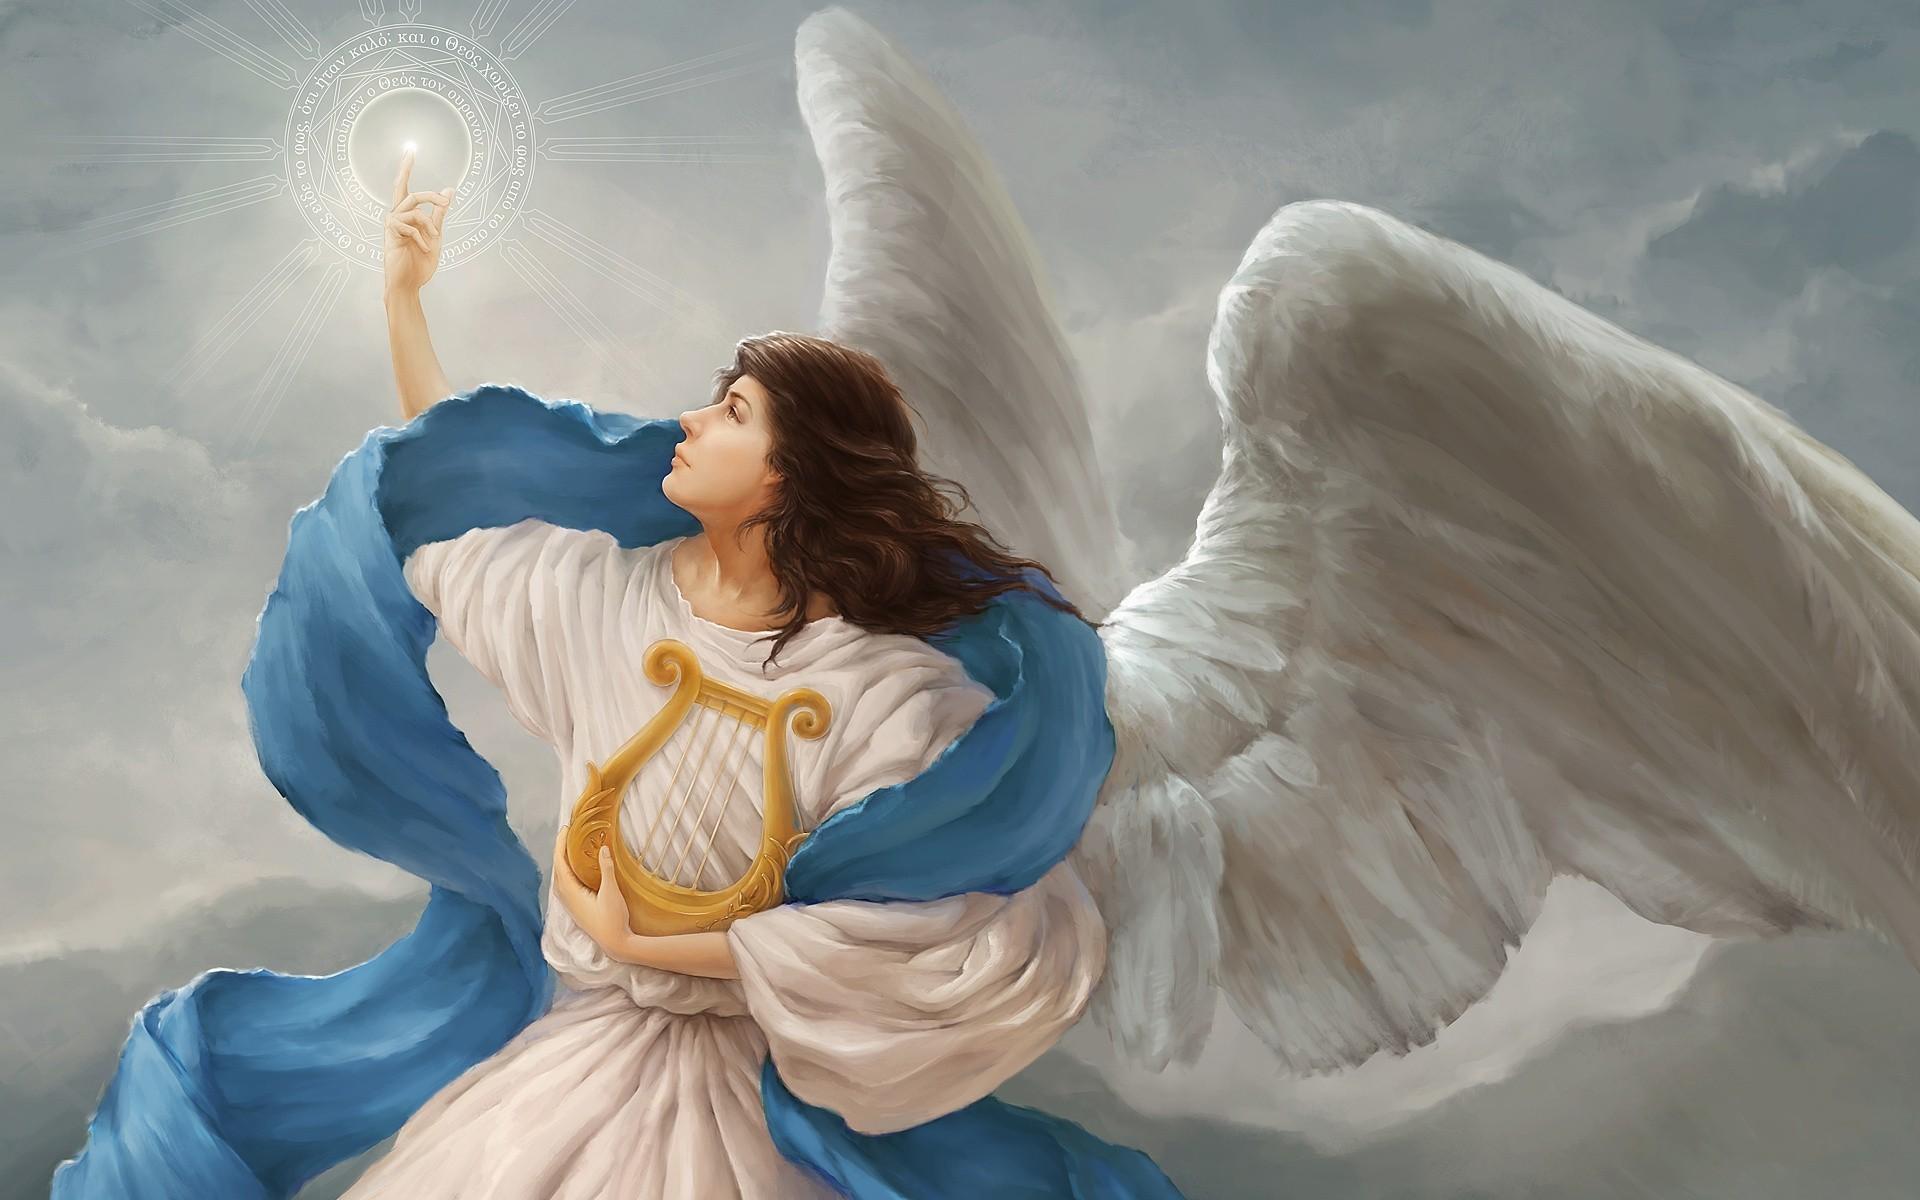 Ангелы в небе  № 2270205 бесплатно